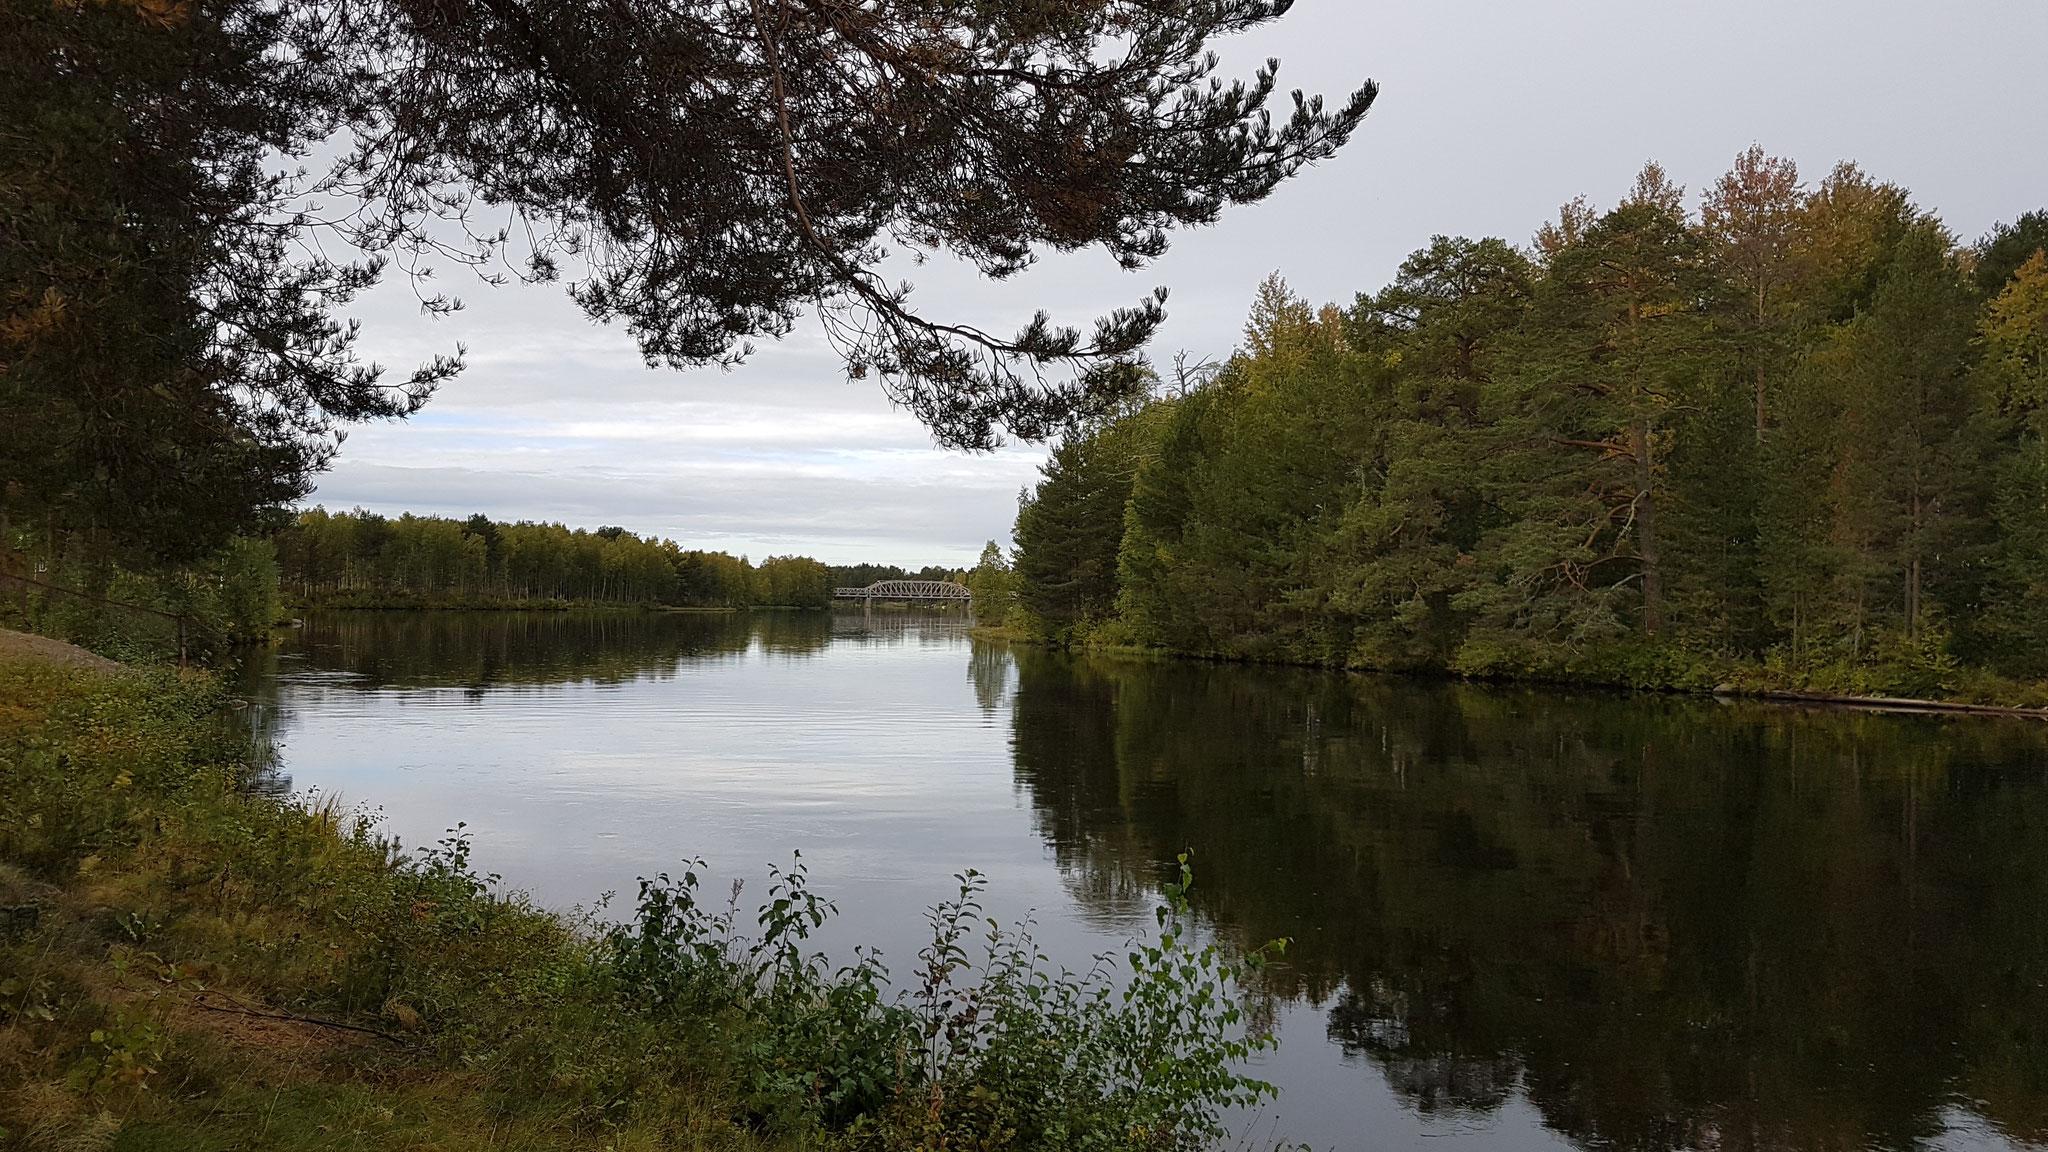 Ein kleiner Spaziergang am spiegelnden Fluss